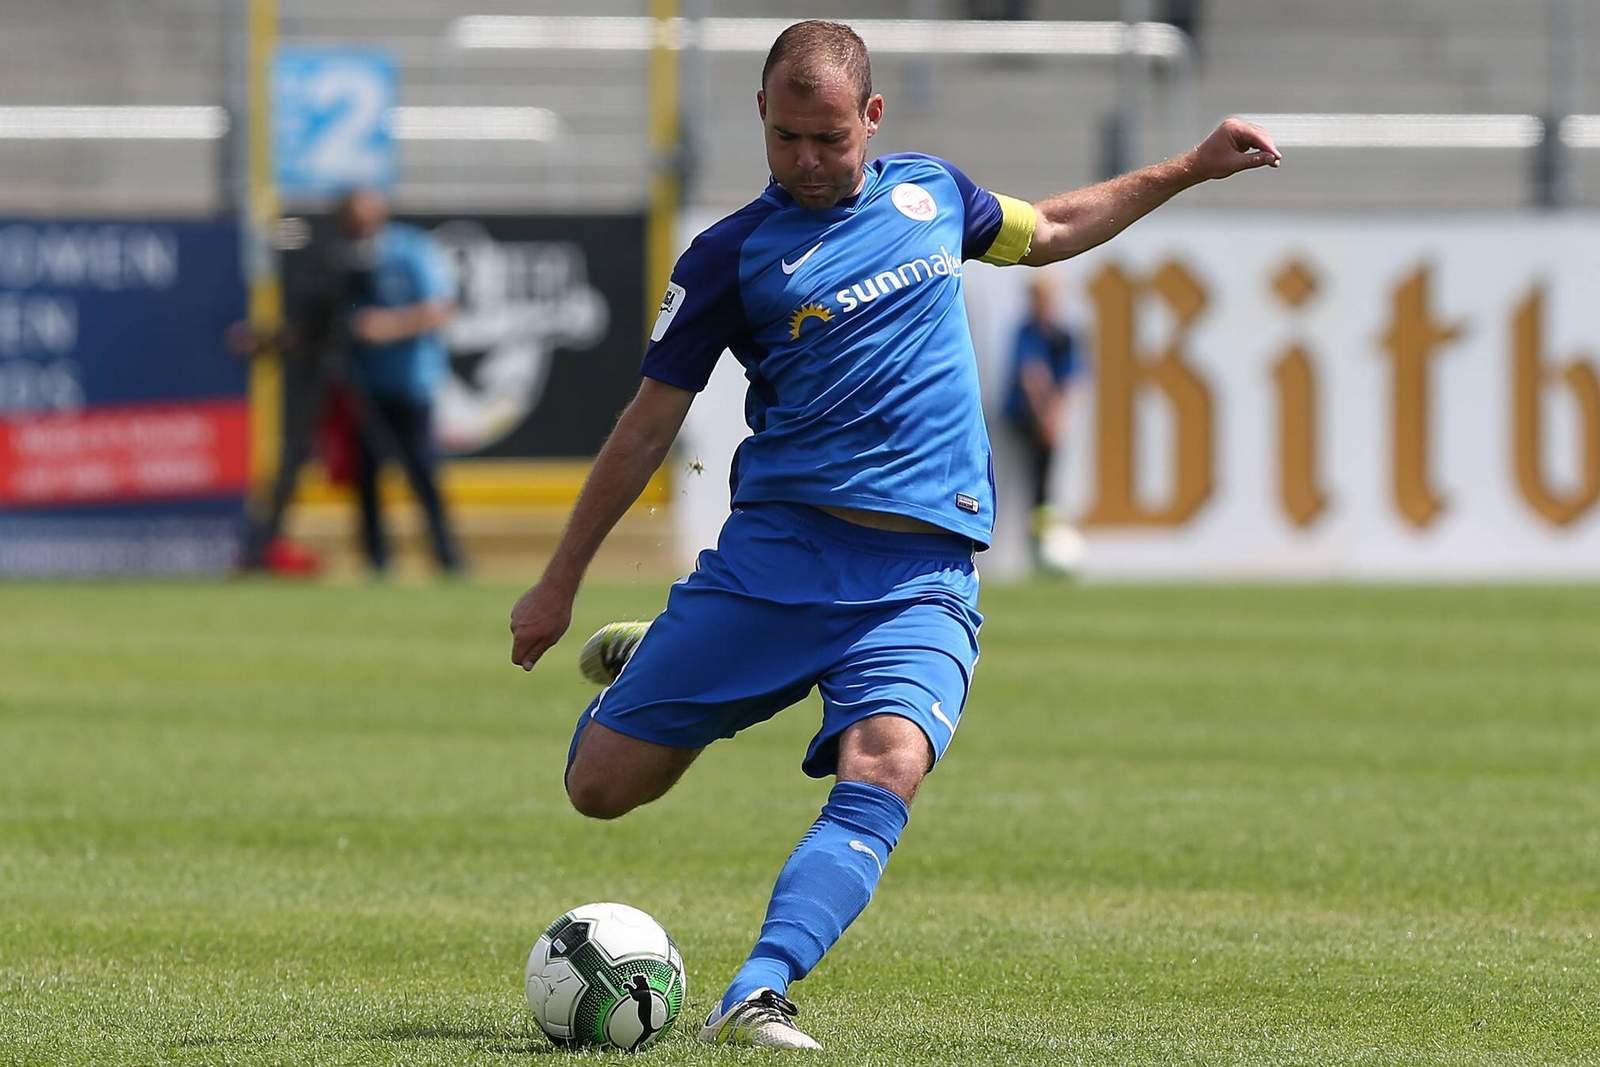 Amaury Bischoff vom FC Hansa Rostock beim Schuss. Das Sportgericht des DFB sperrte ihn für drei Spiele.